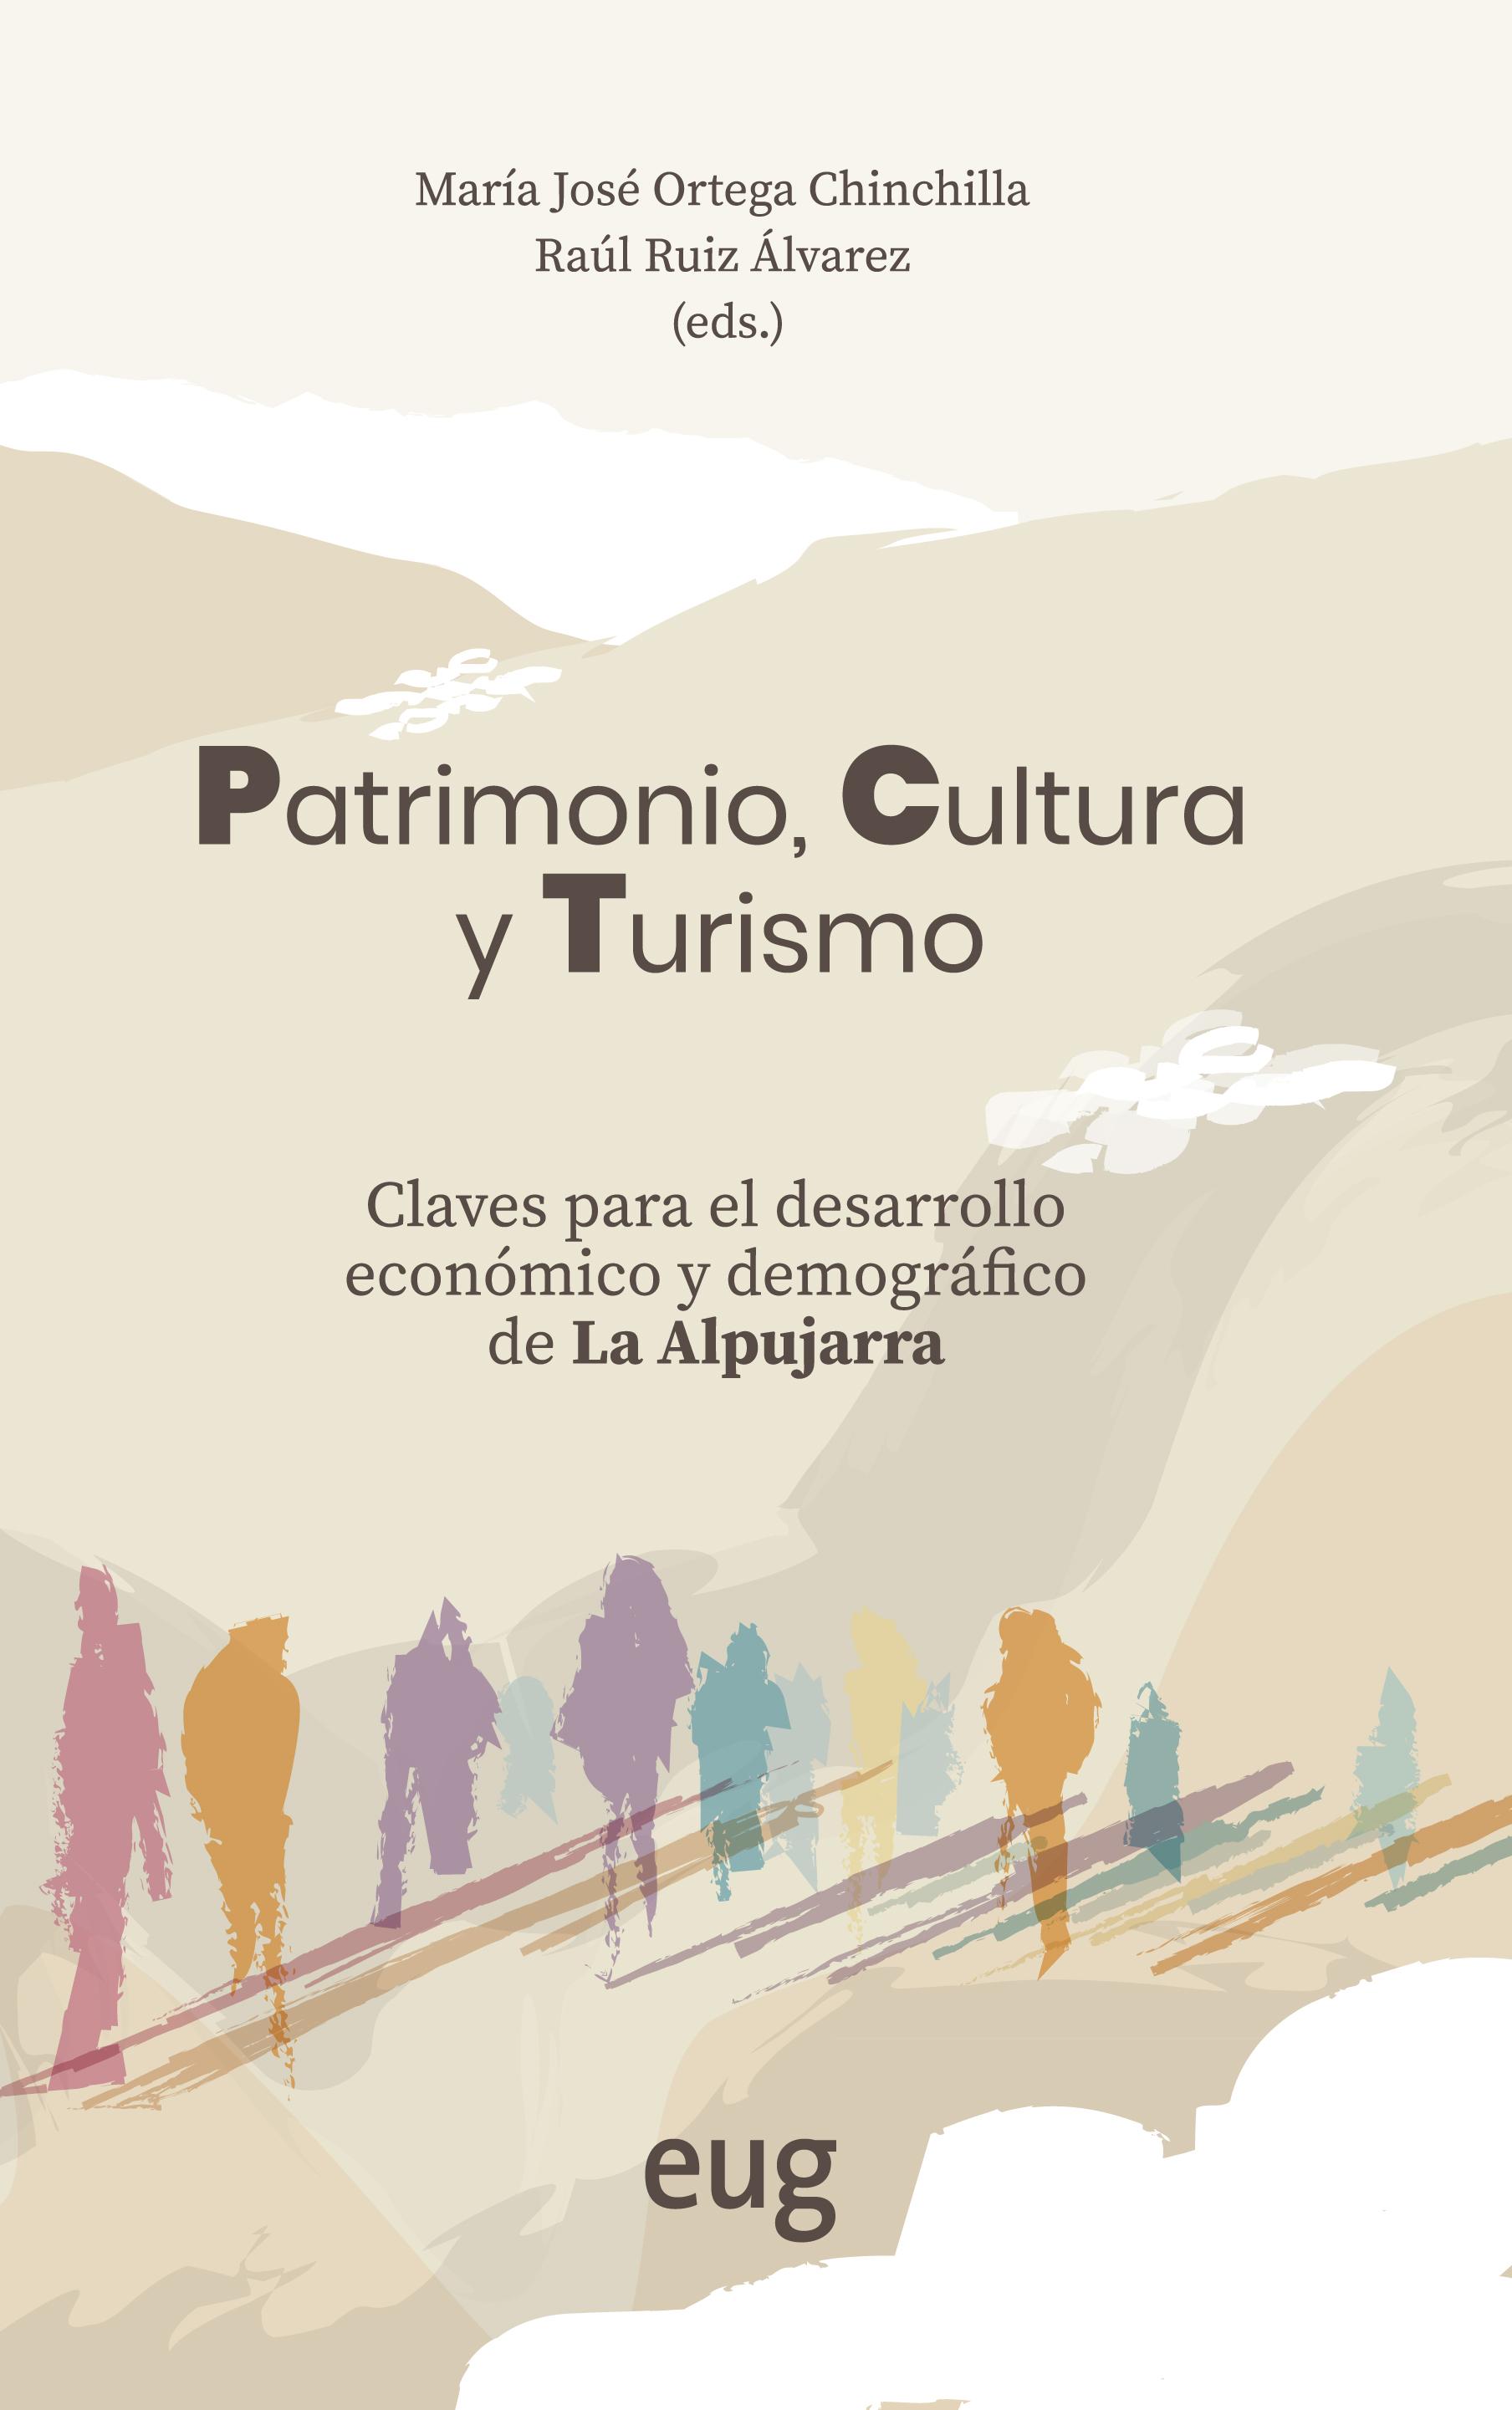 """""""Patrimonio, Cultura y Turismo"""": un libro reúne las claves para la activación económica y demográfica de La Alpujarra"""